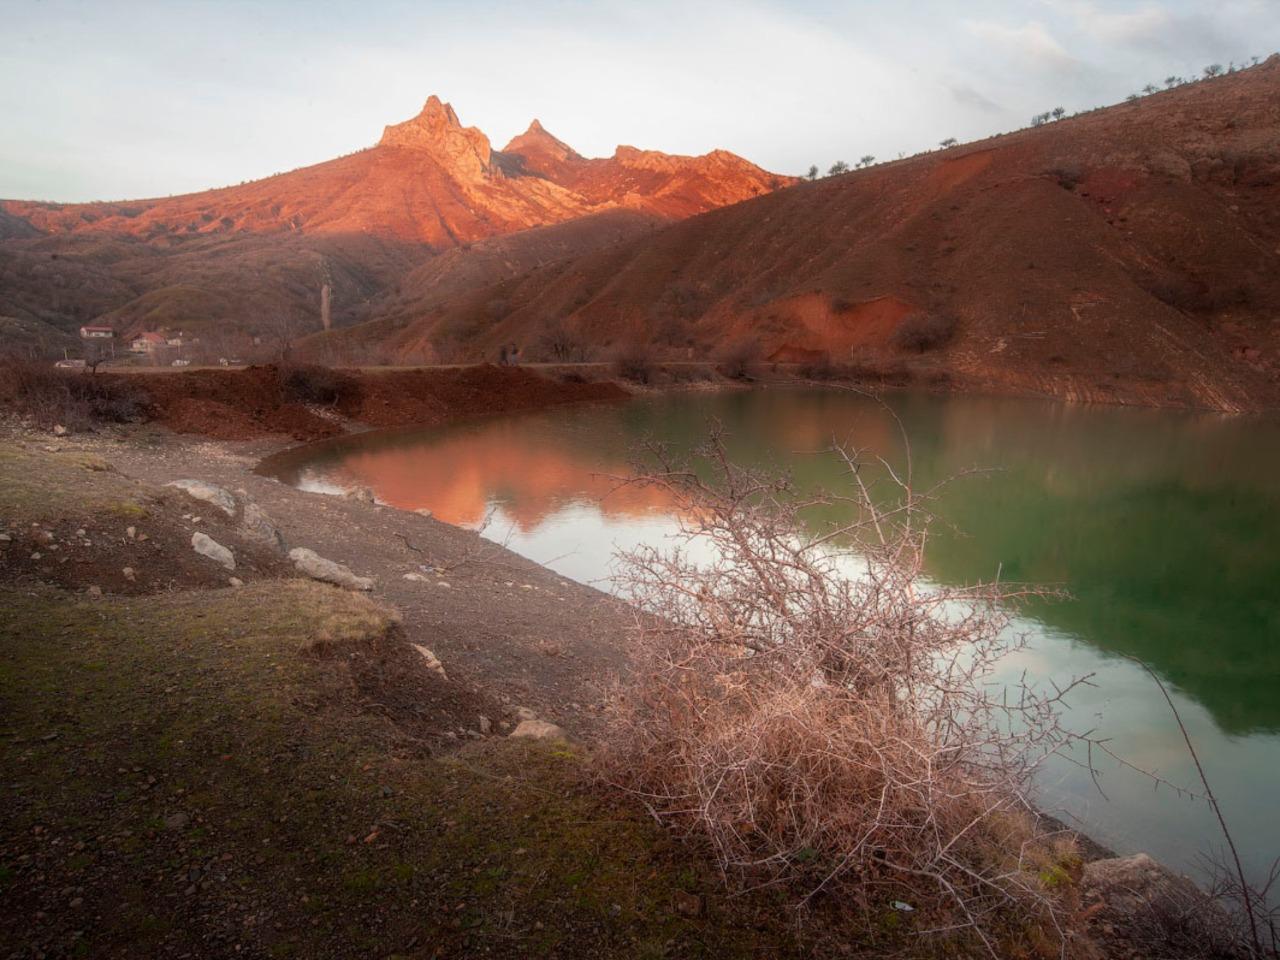 Удивительный мир Зеленогорья - групповая экскурсия в Алуште от опытного гида